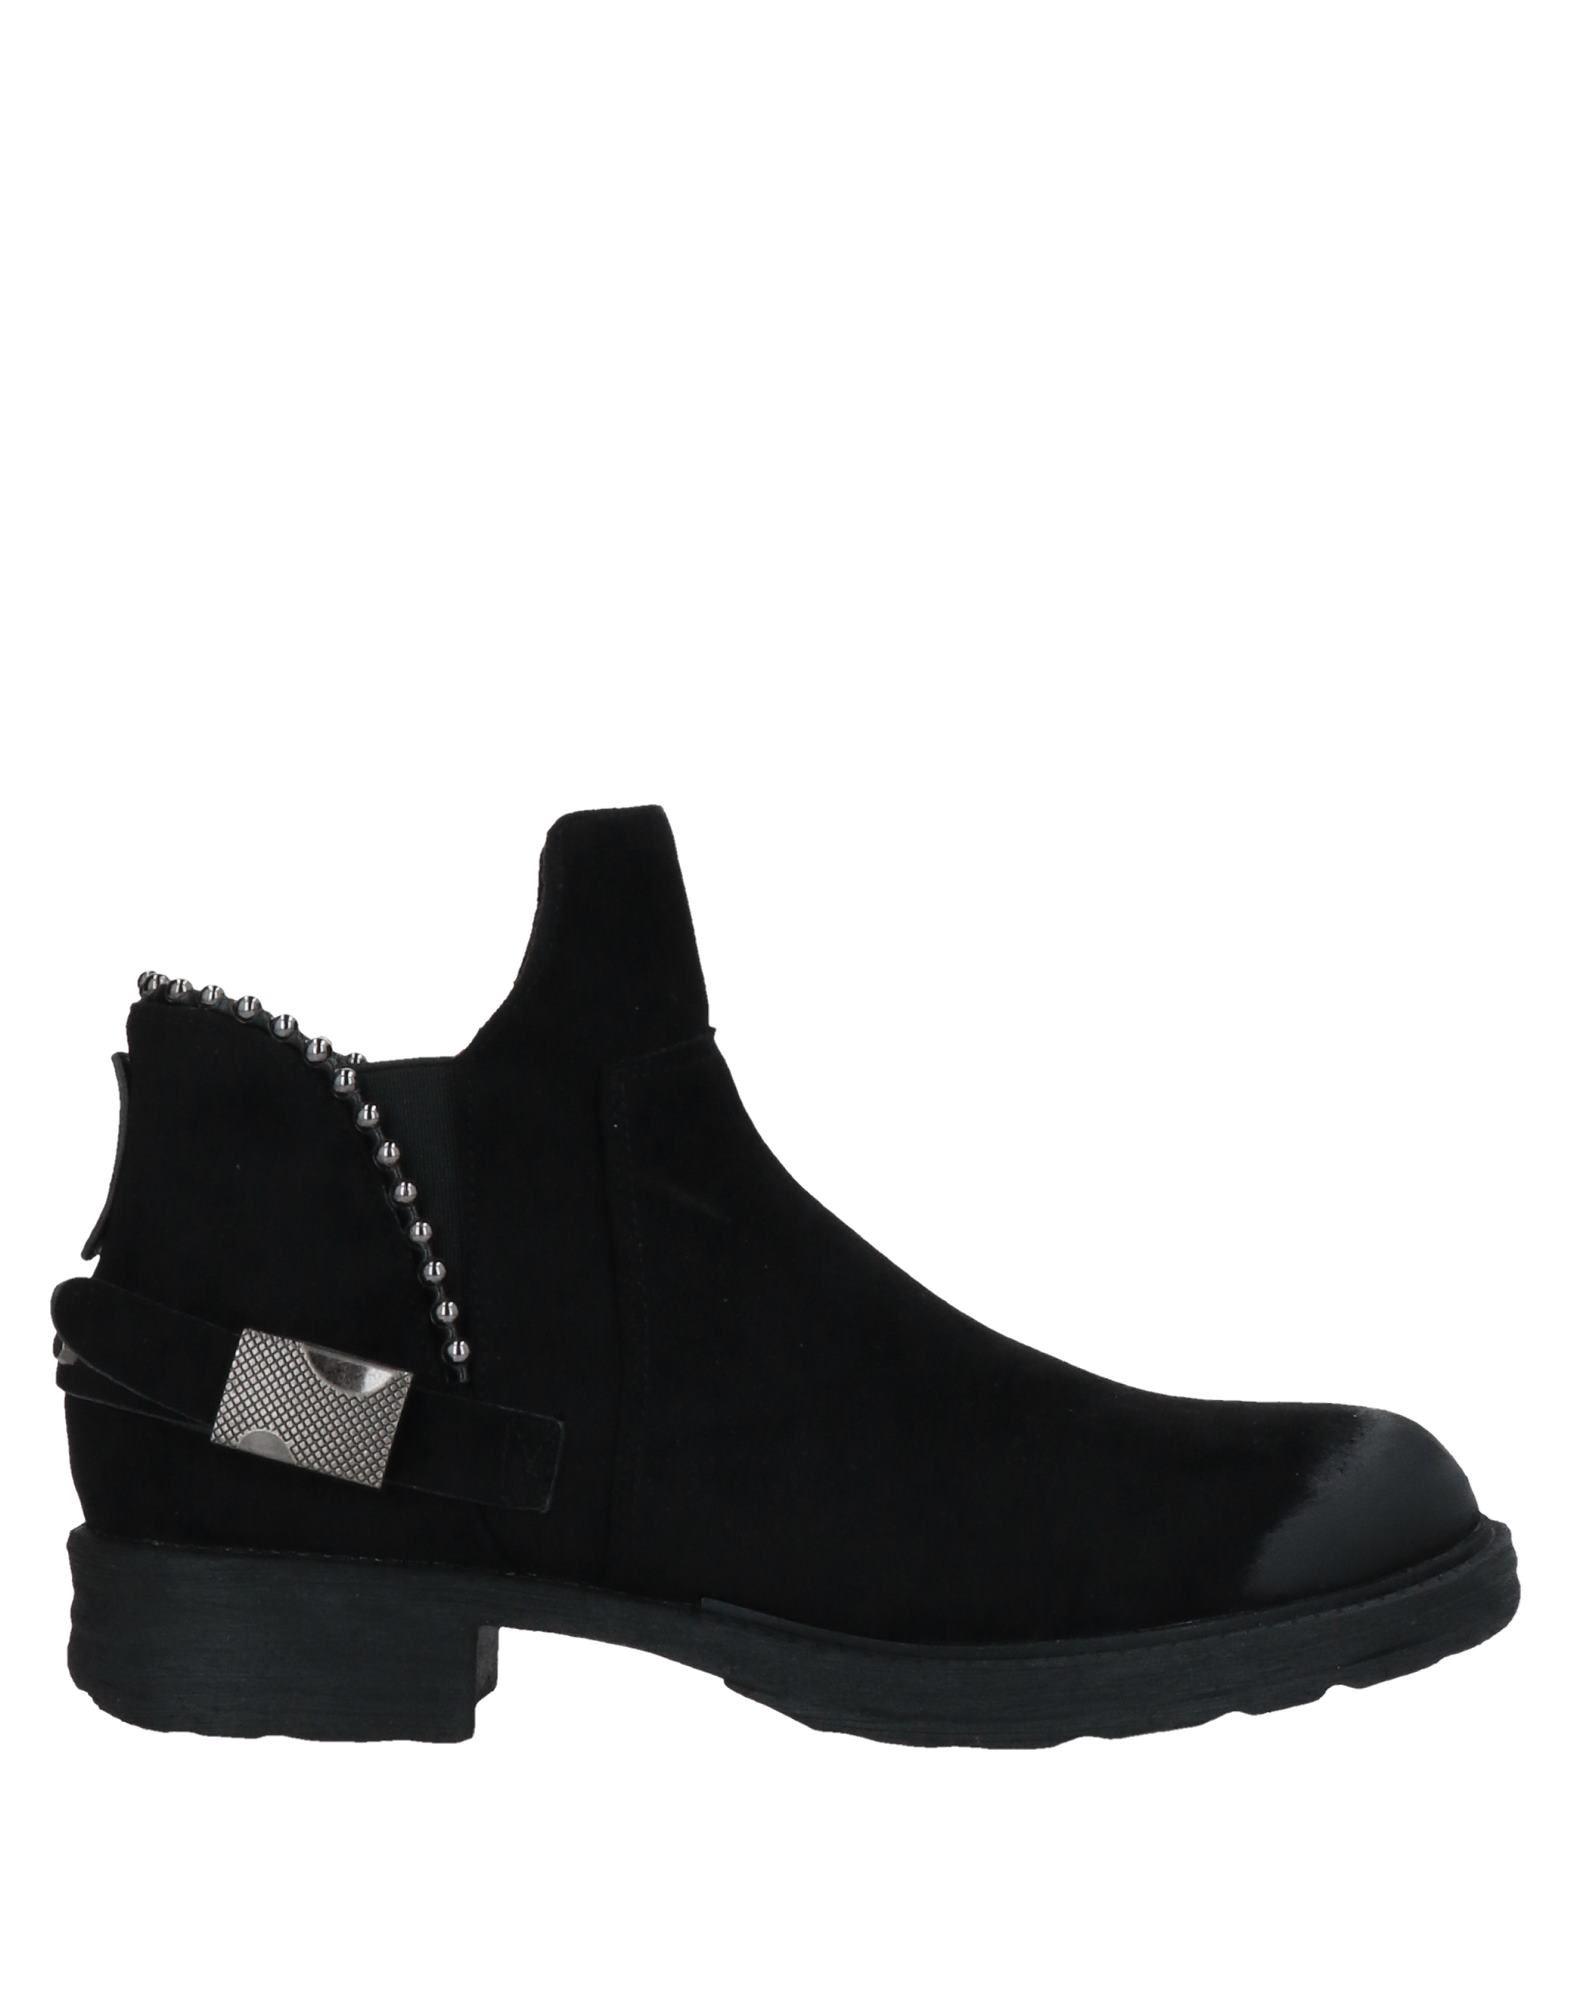 Фото - FRANCESCO MILANO Полусапоги и высокие ботинки francesco milano полусапоги и высокие ботинки